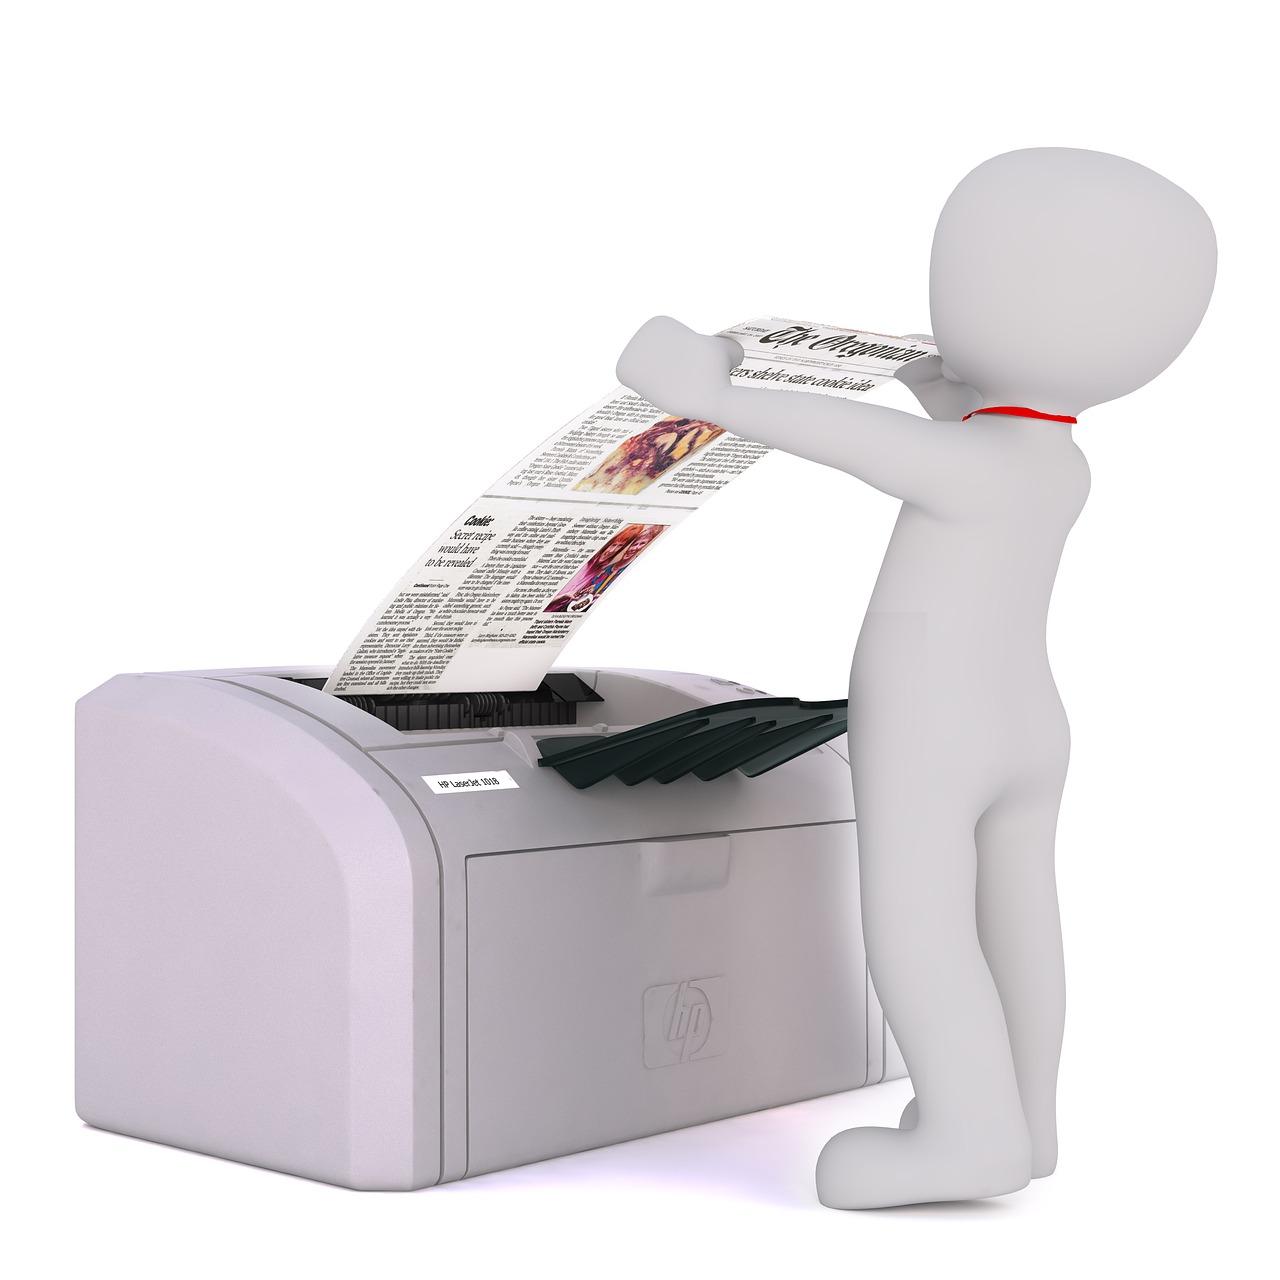 Lässt sich mit Druckerpatronen von Drittanbietern wirklich sparen?